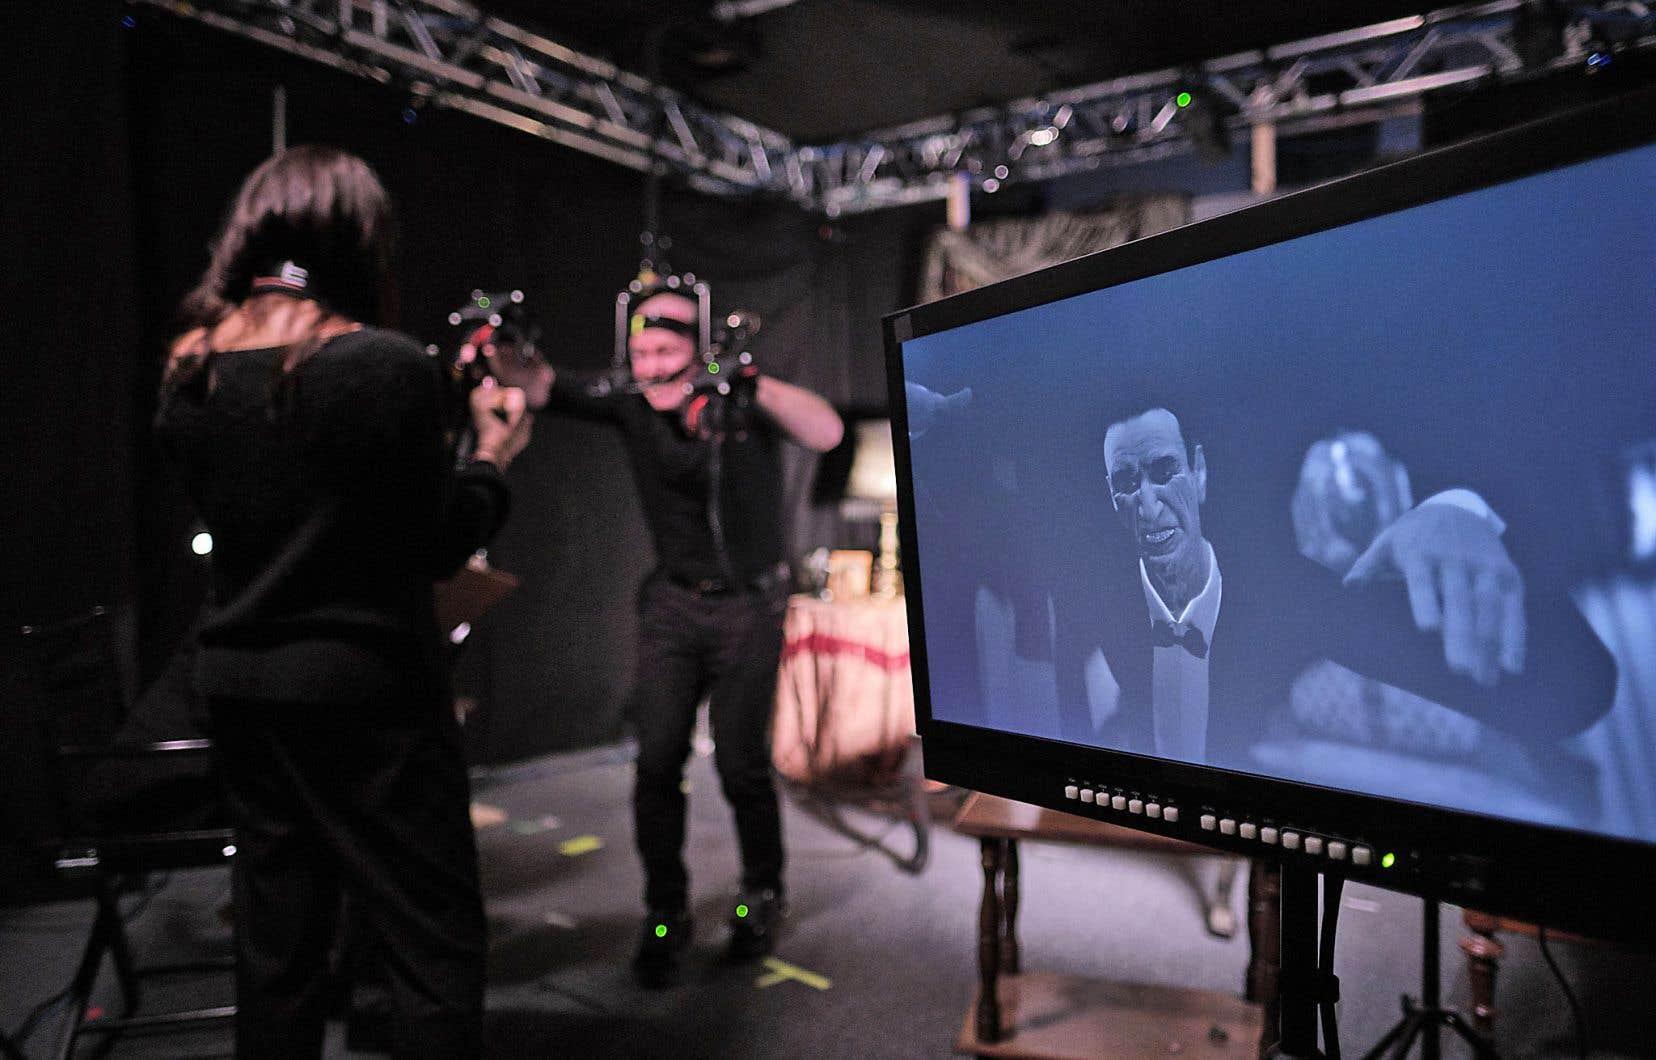 Les participants sont invités à s'équiper d'un casque et d'un sac pour plonger directement dans le film.